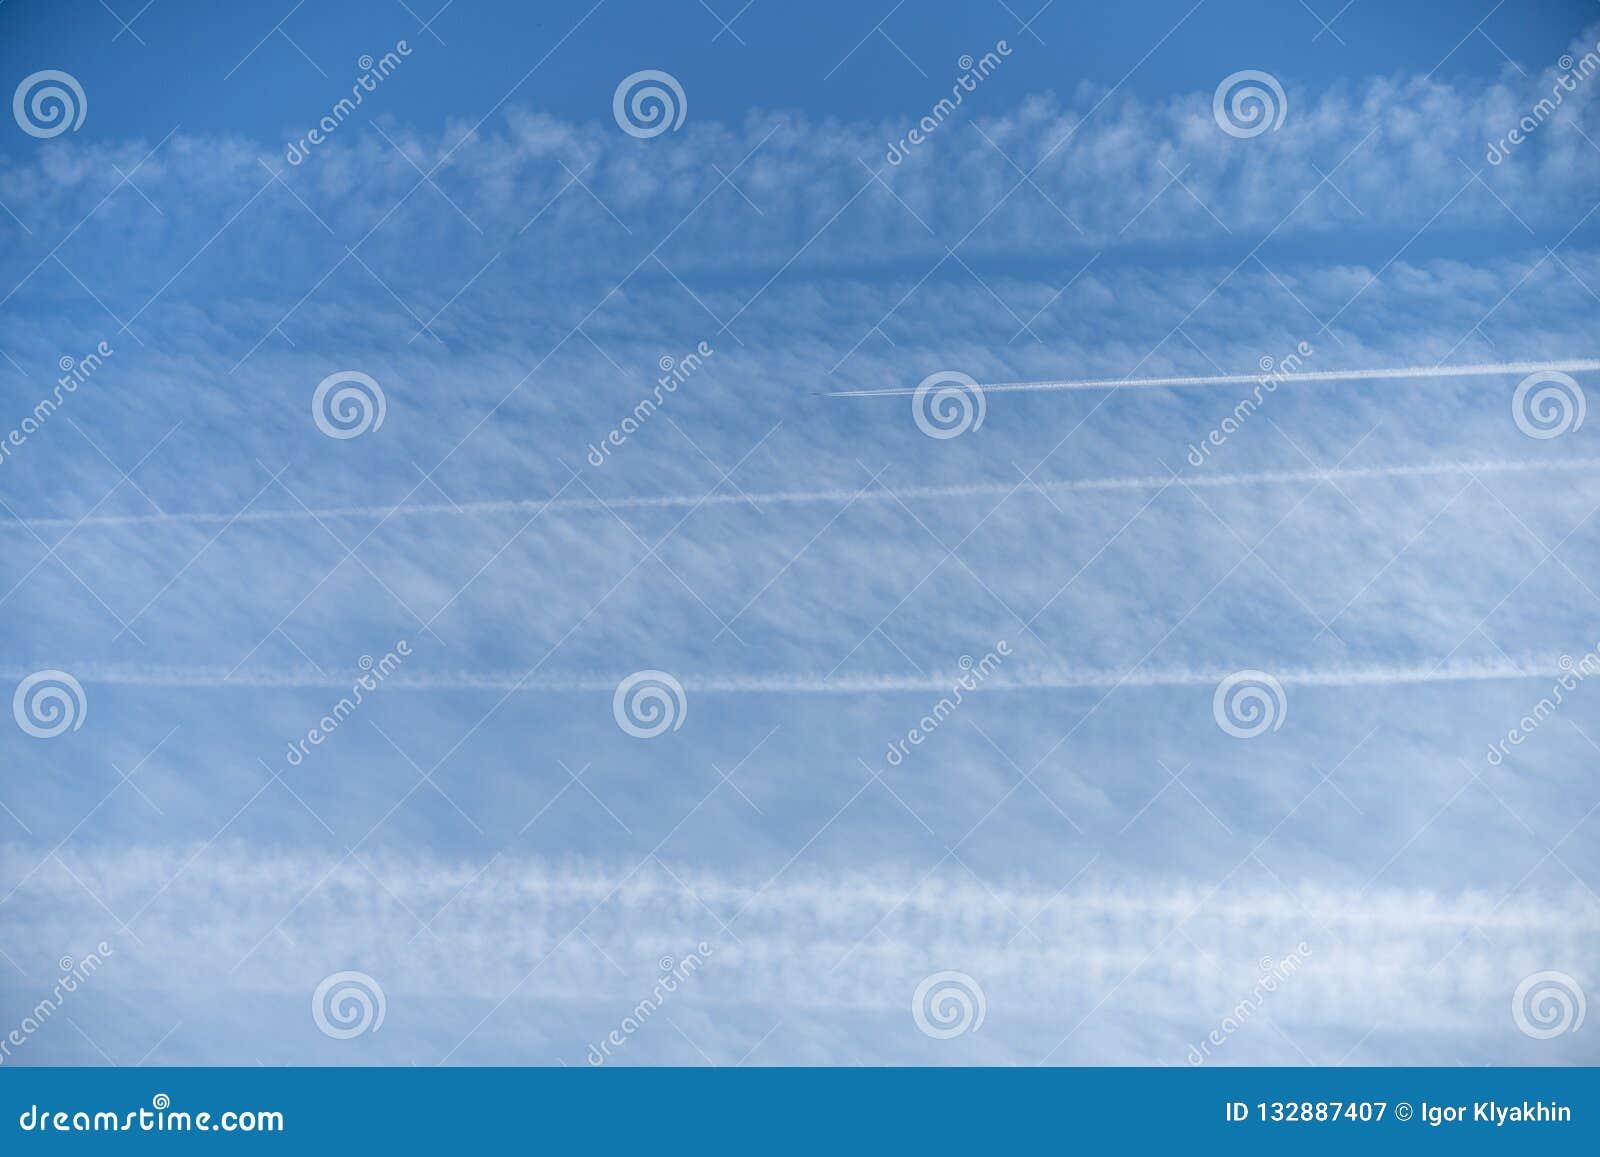 Картина следов самолета сконденсированного одина другого воздуха оплетая против голубого неба